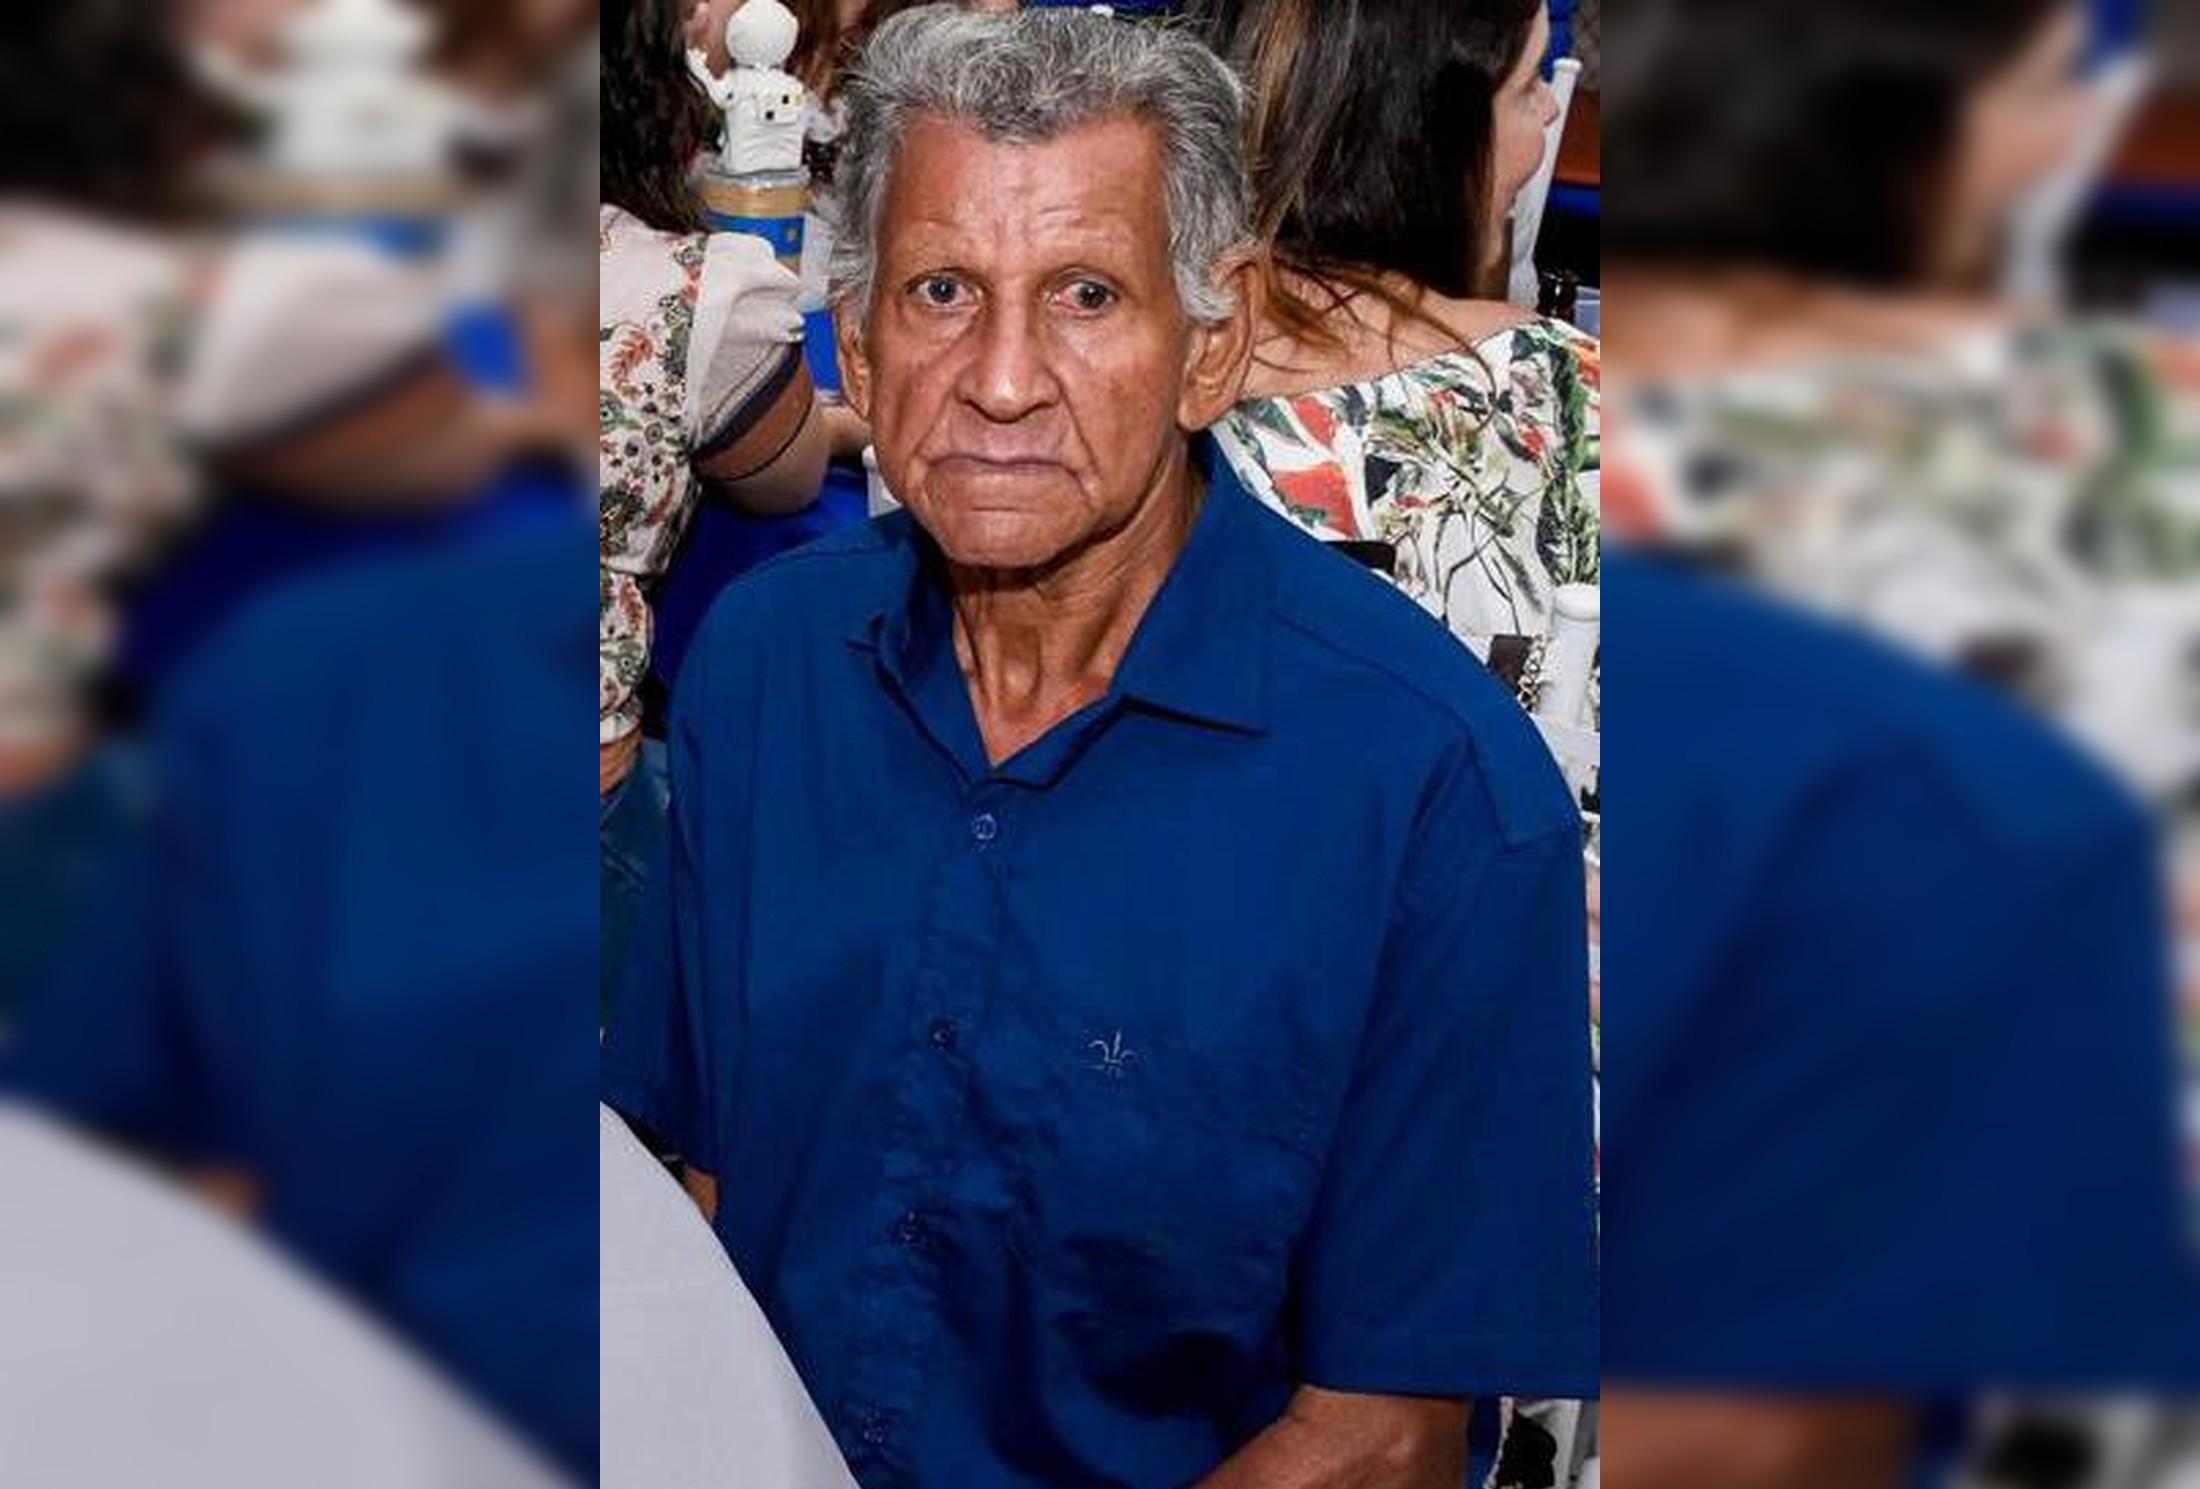 Família procura idoso desaparecido há seis meses em Olímpia: 'Nunca pensei que seria tão difícil', diz filha